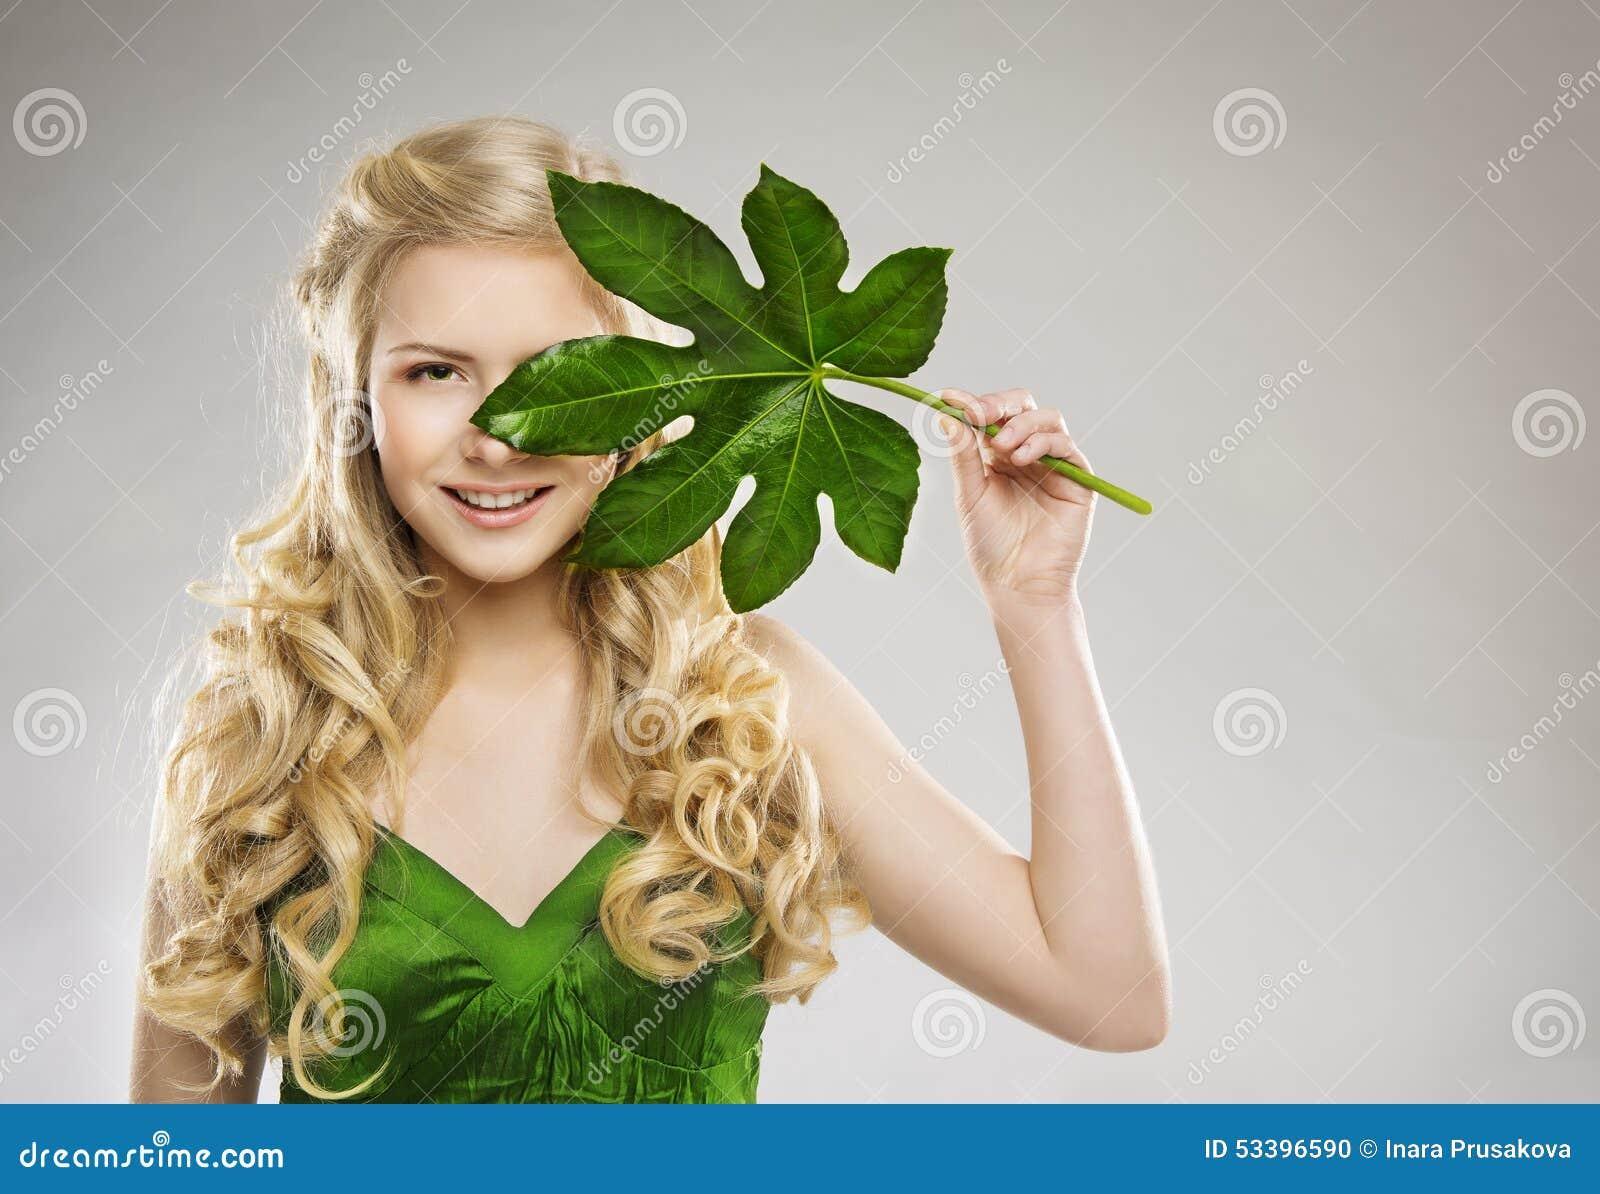 Visage De Femme Et Feuille De Vert, Traitement De Cheveux